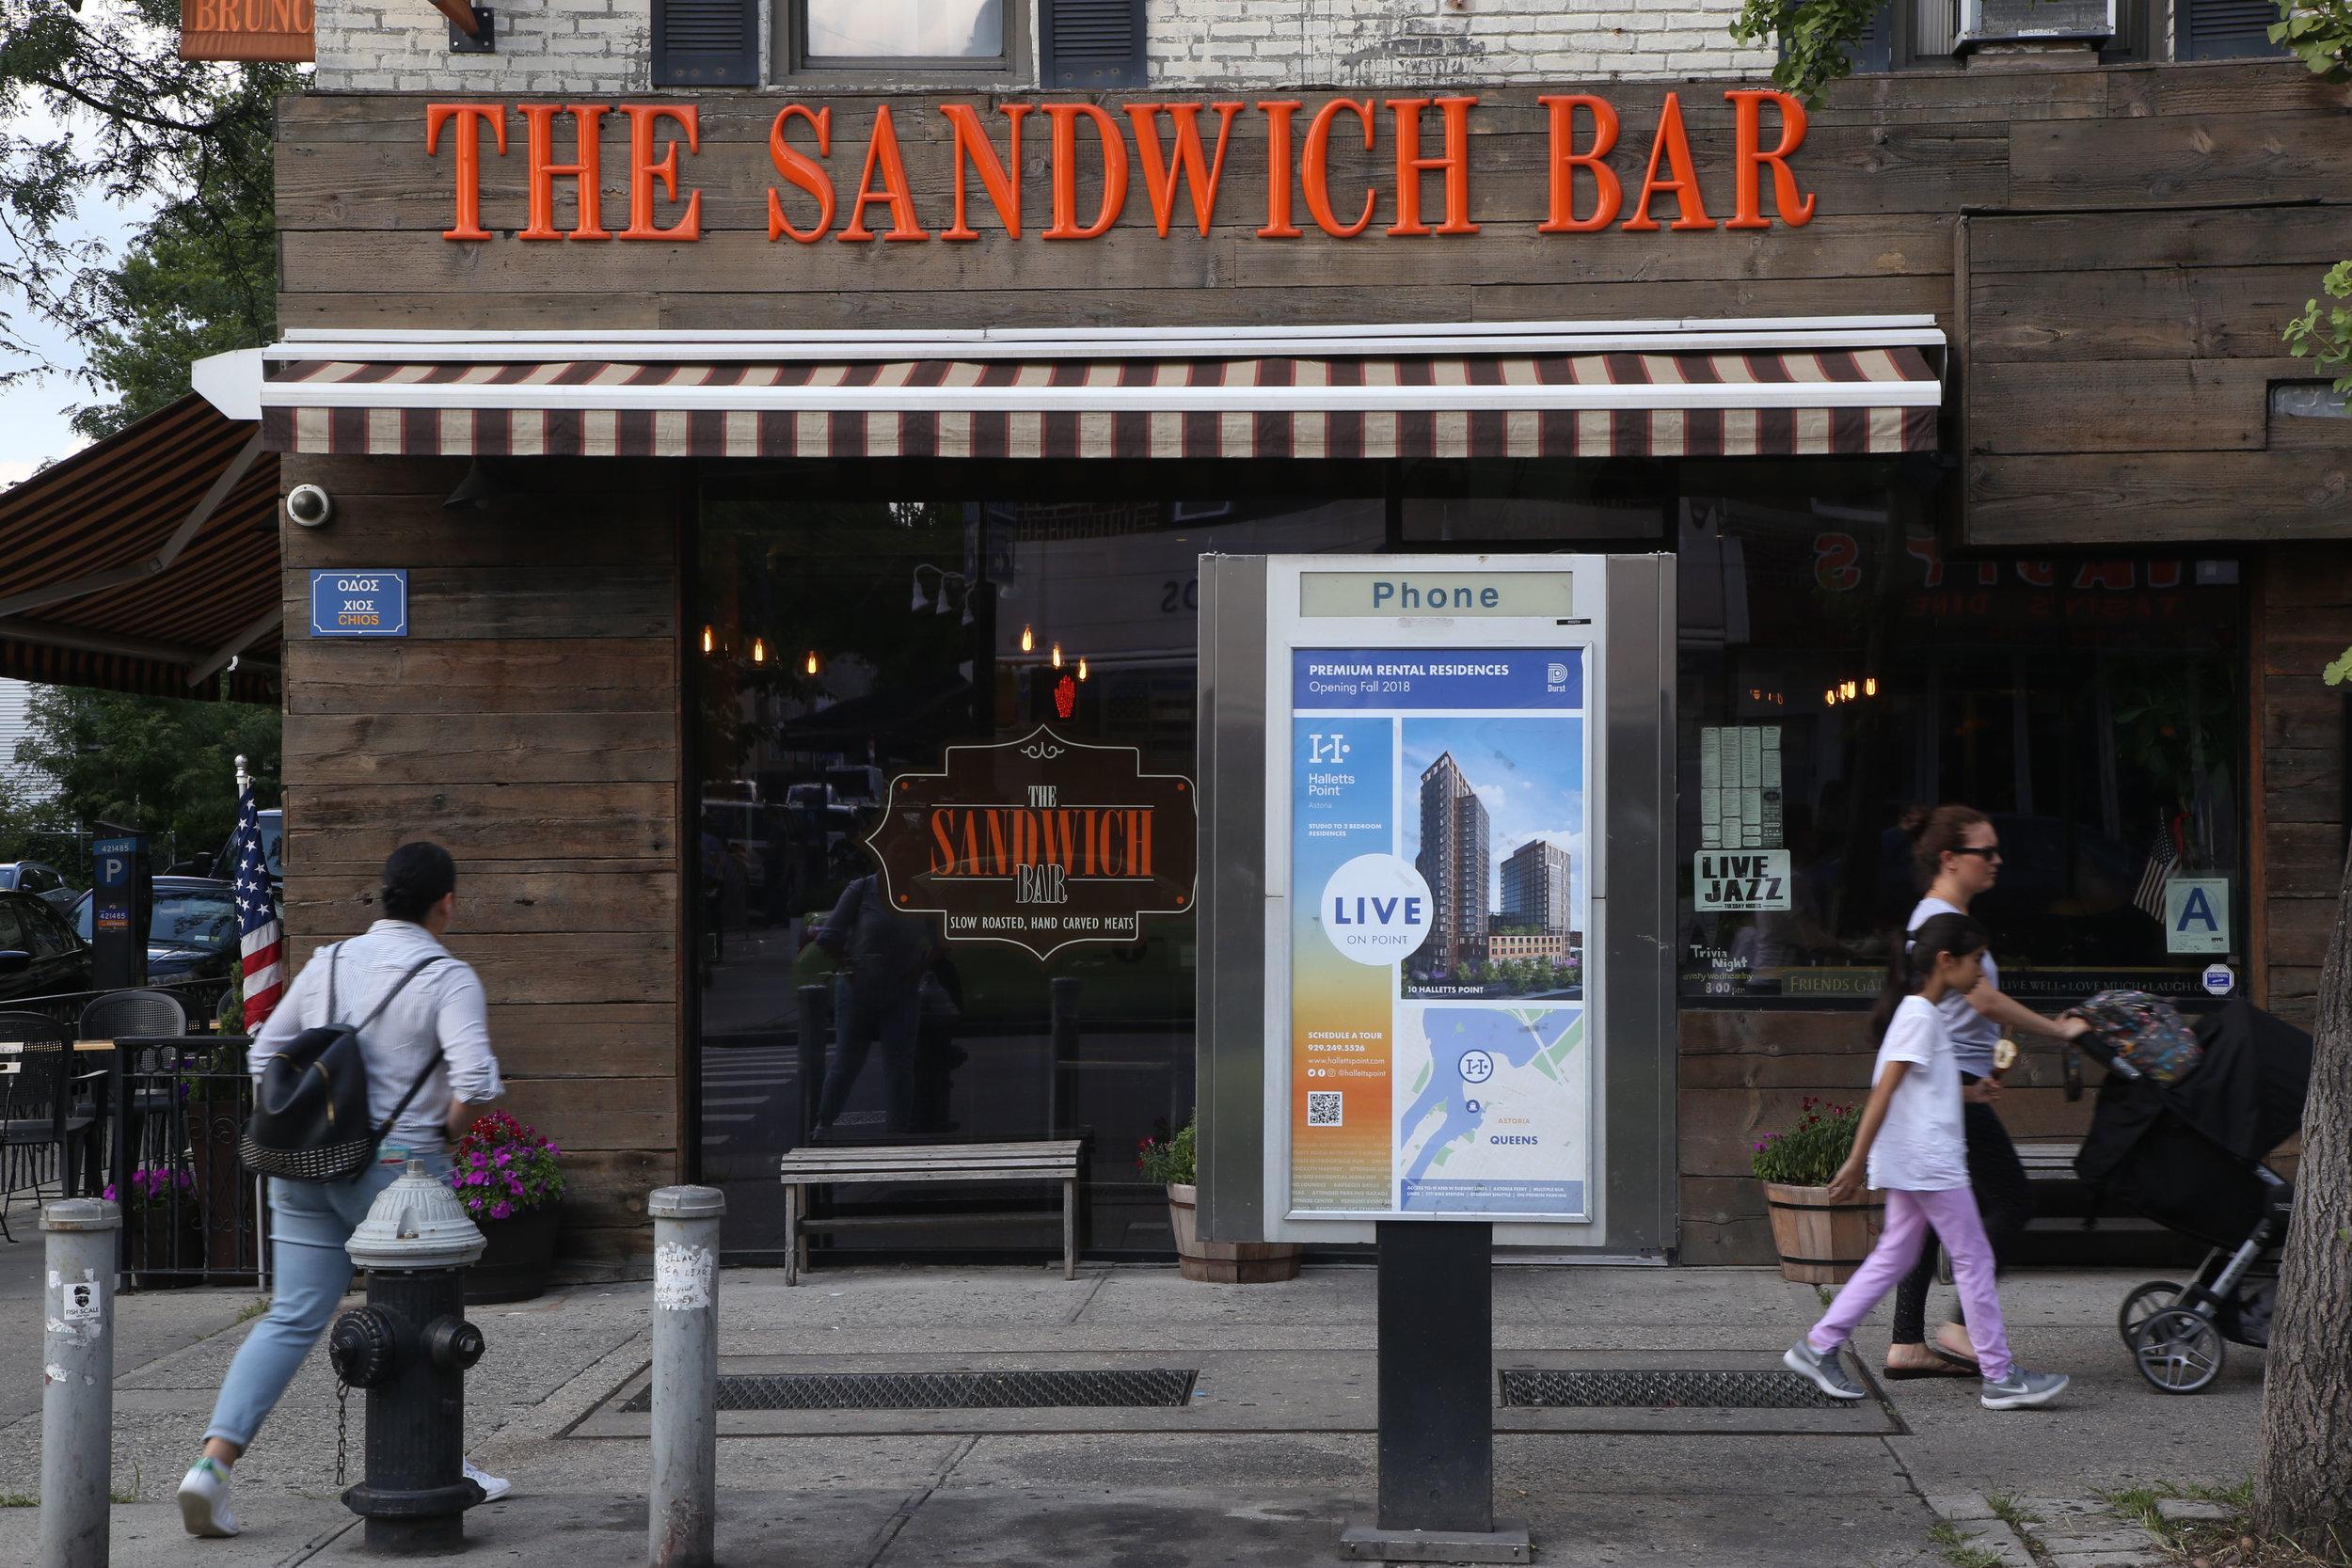 New York_Kiosk_Phone Kiosk _21821366_1028014 copy.jpg